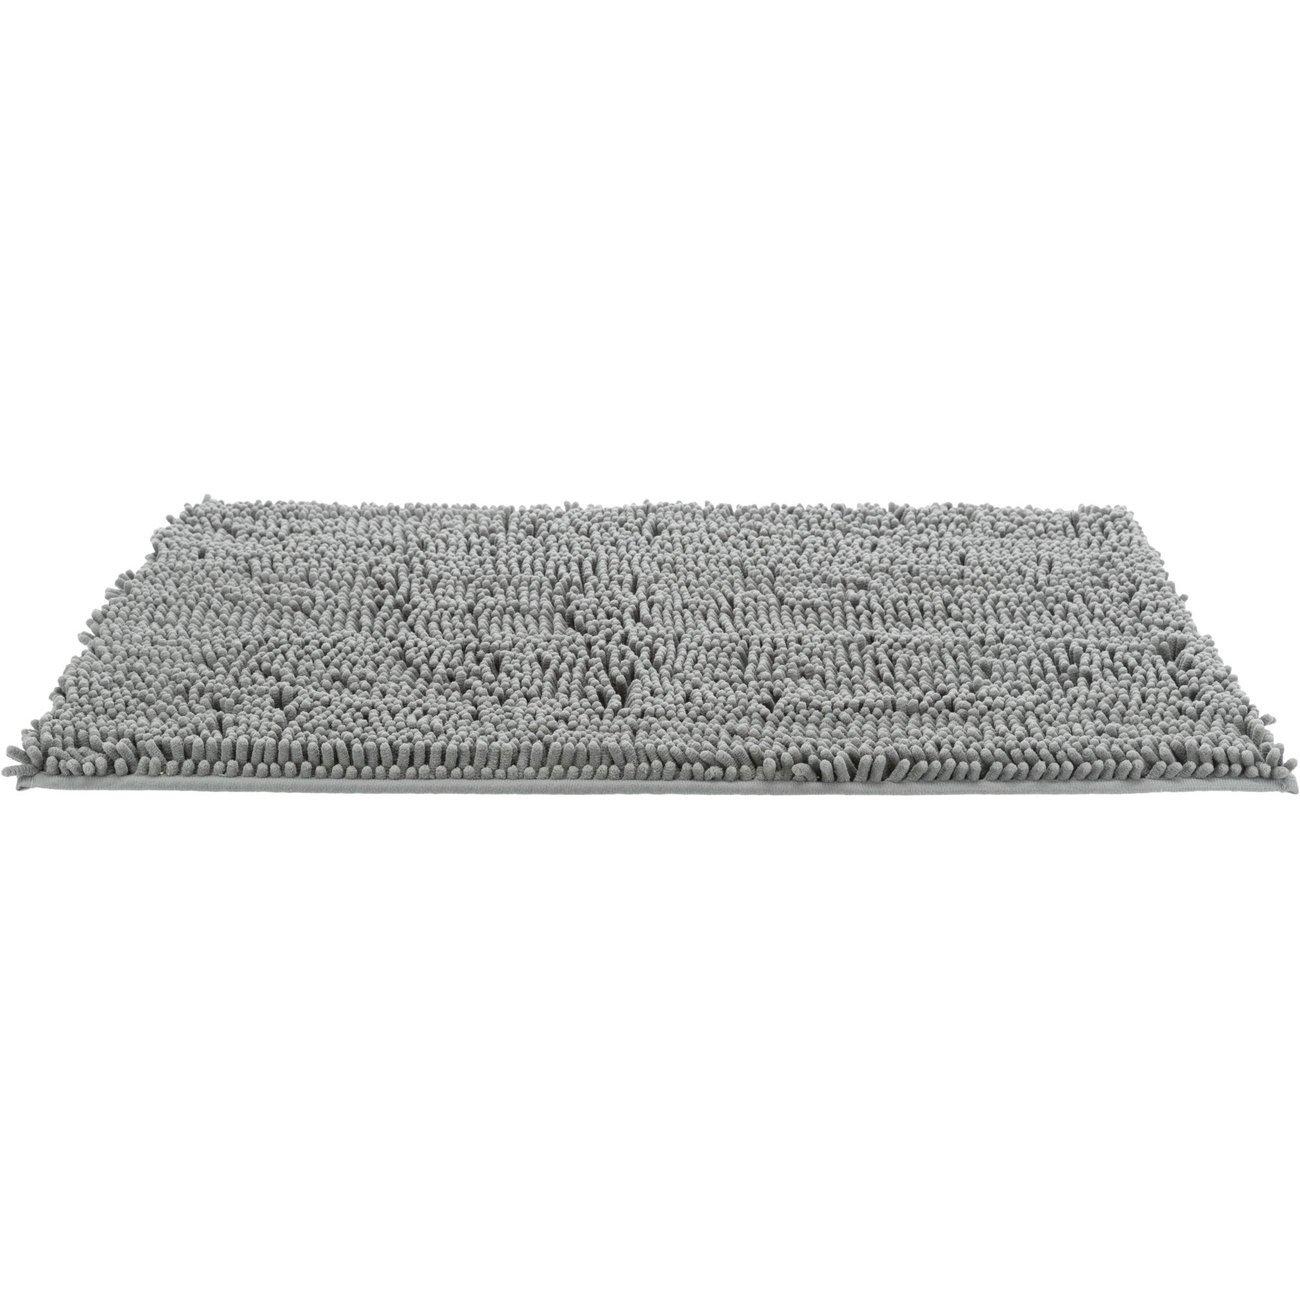 Trixie Schmutzfangmatte für Hunde, 60 x 50 cm, grau